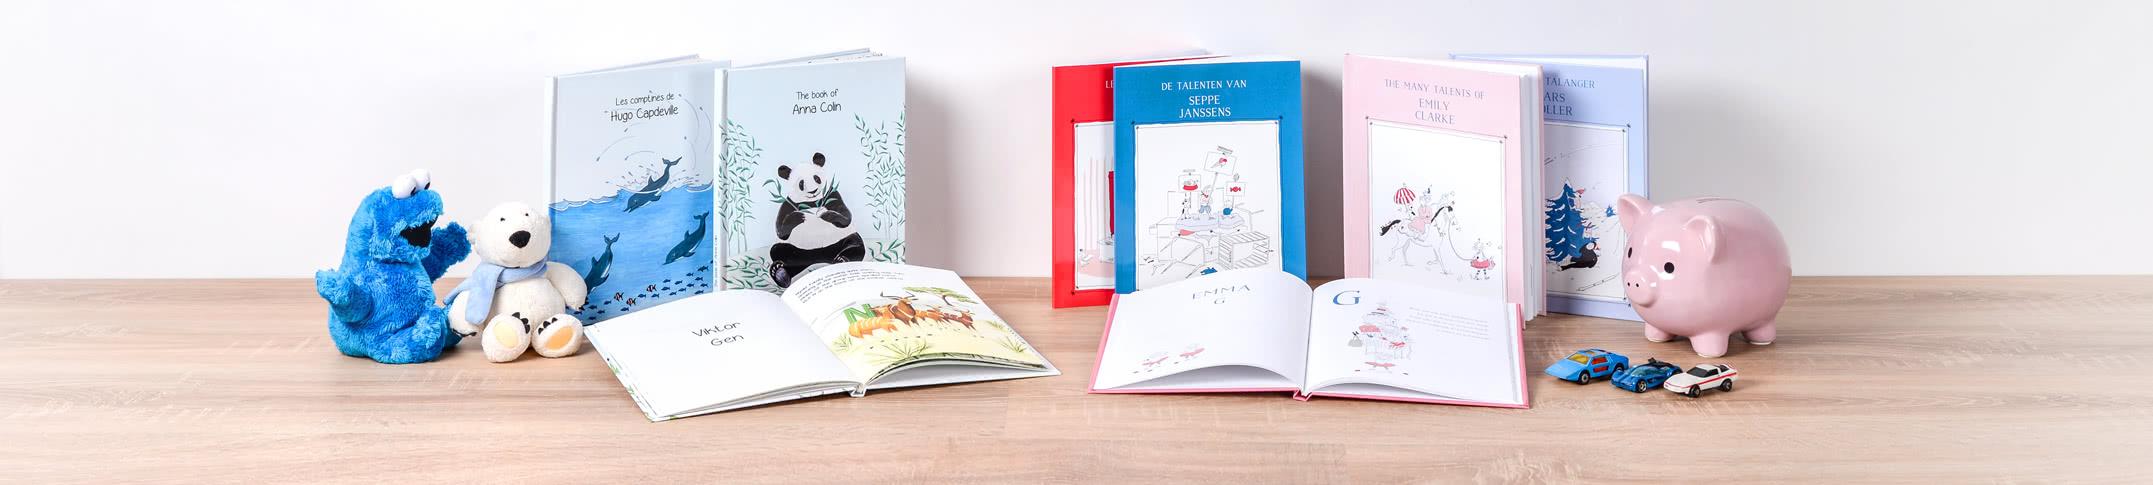 MyNameBook - Boken som gjør ditt barn til hovedpersonen i sin egen historie!